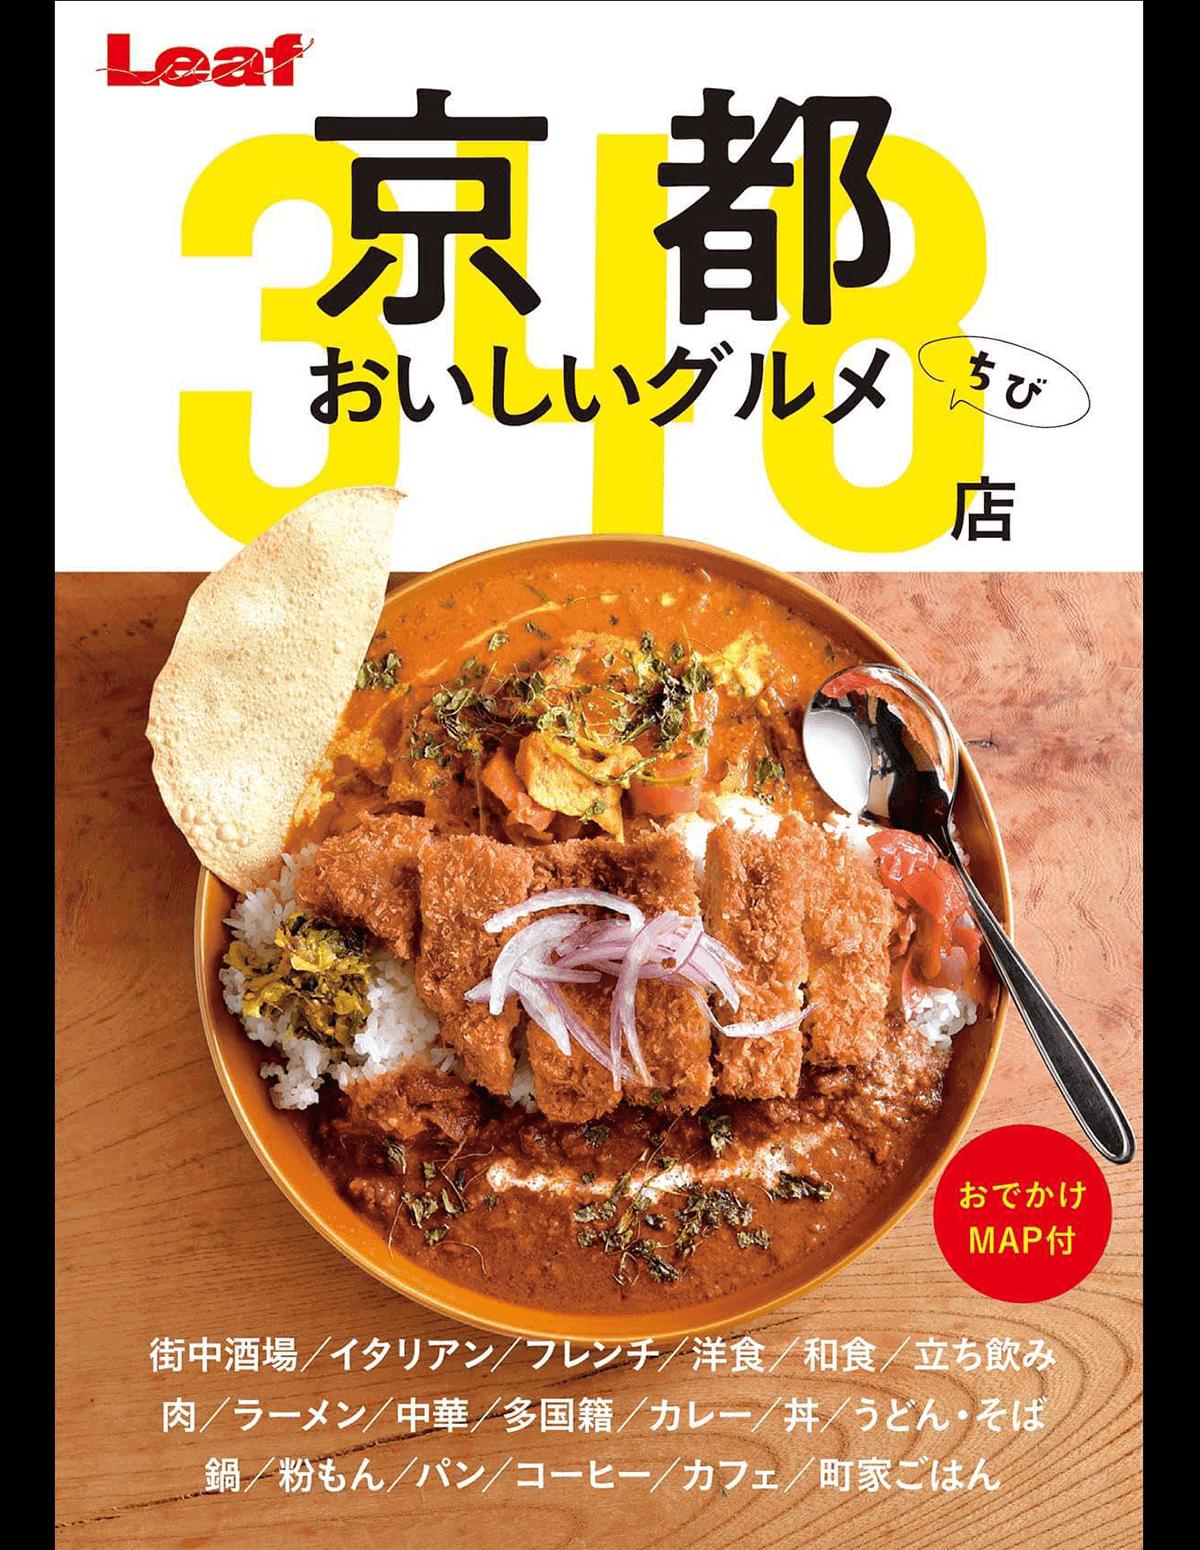 LeafMOOK 【書籍】京都 おいしいグルメちび